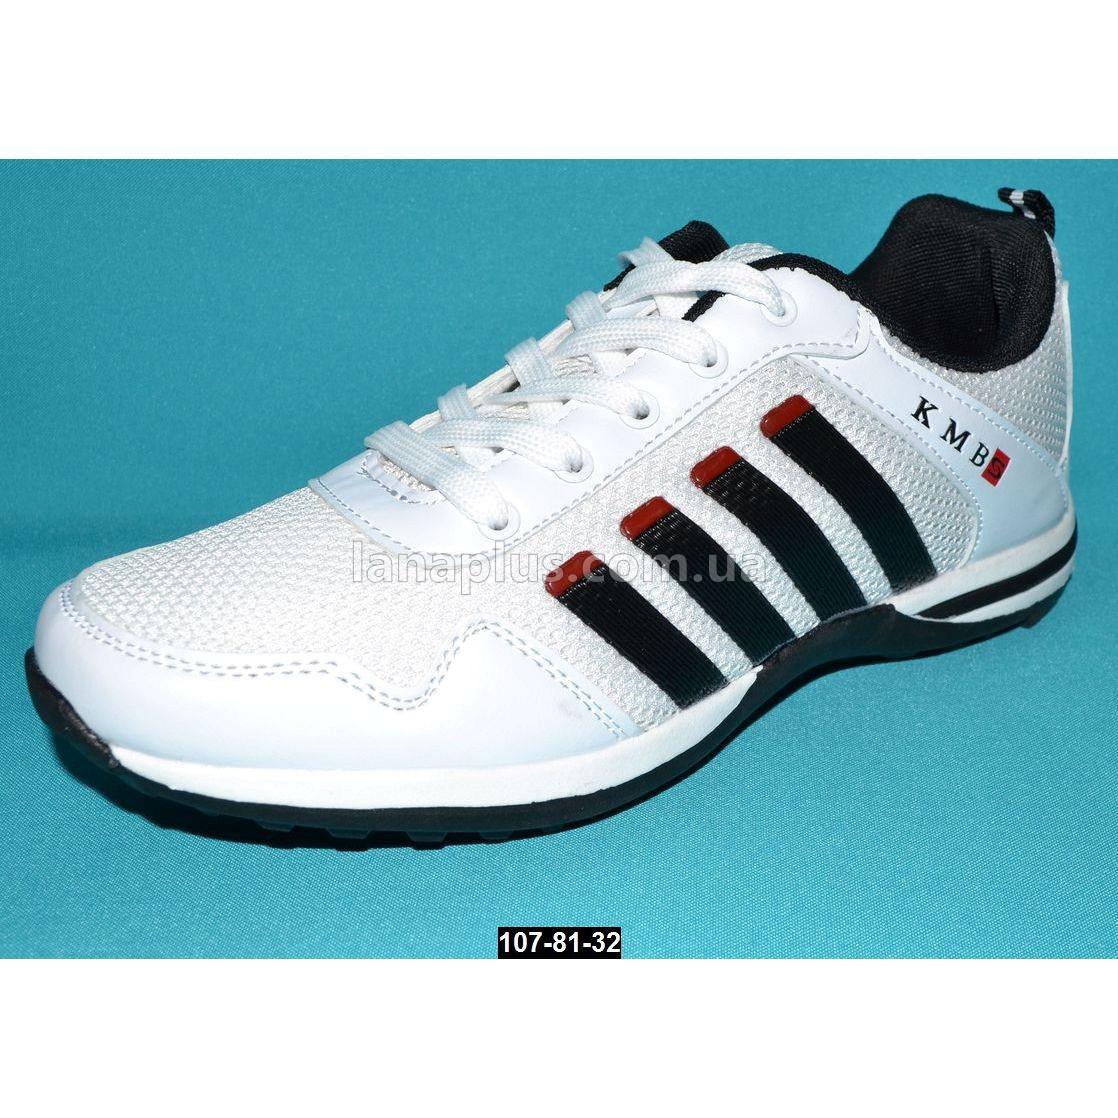 Облегченные кроссовки, 39 размер (25.5 см), подростковые, дышащие